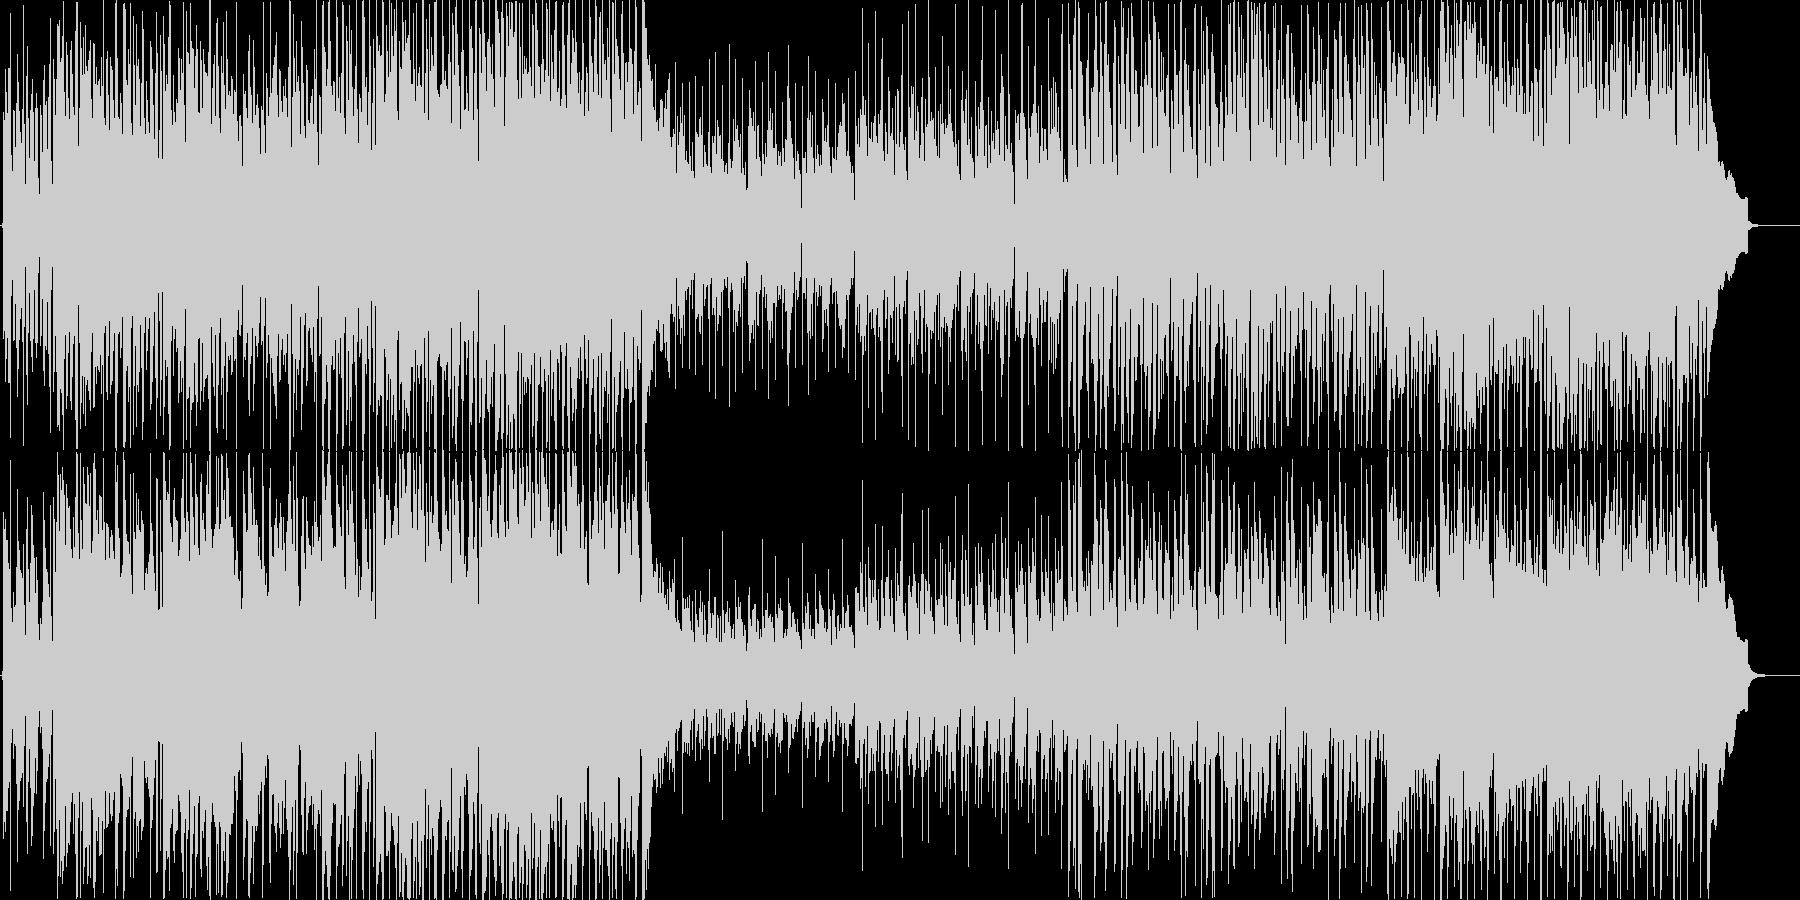 軽快でさわやかな4つ打ちギターポップの未再生の波形